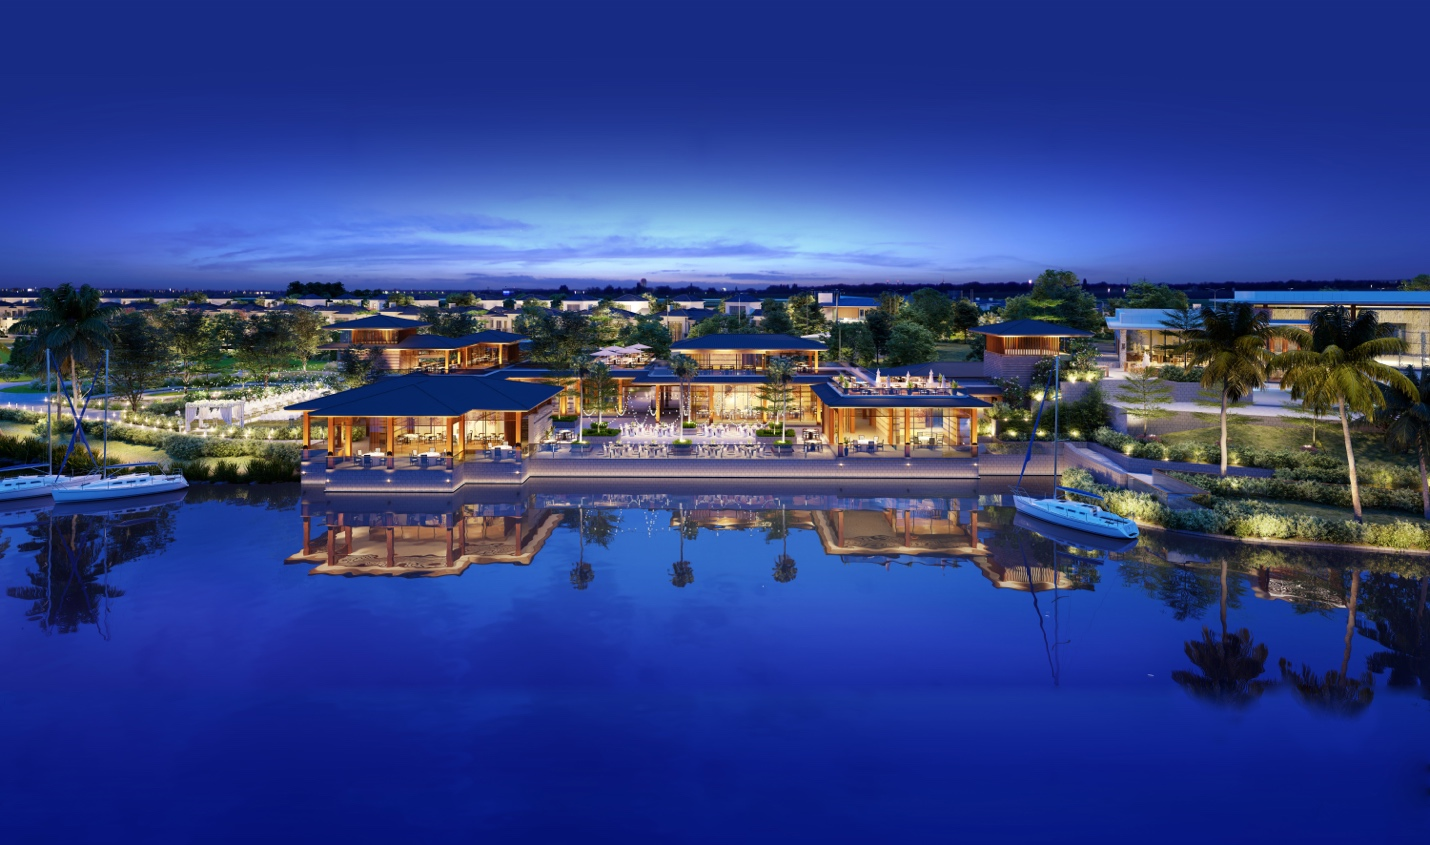 SwanCity đẩy mạnh hợp tác phát triển các dịch vụ tại khu bán lẻ Marina của SwanBay